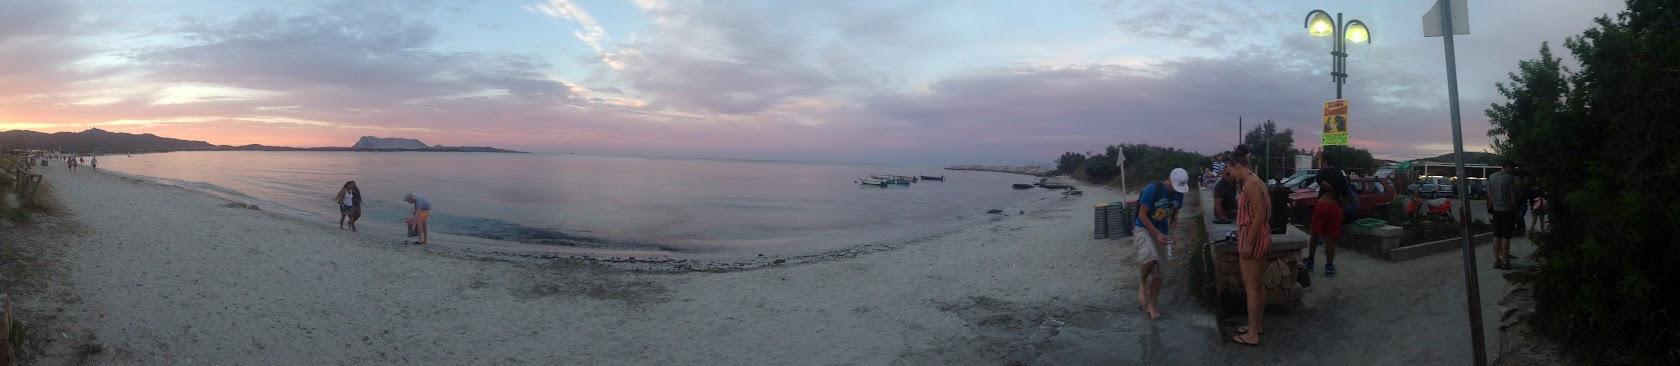 Ближний вход на пляж. Панорама. Ножки моем.